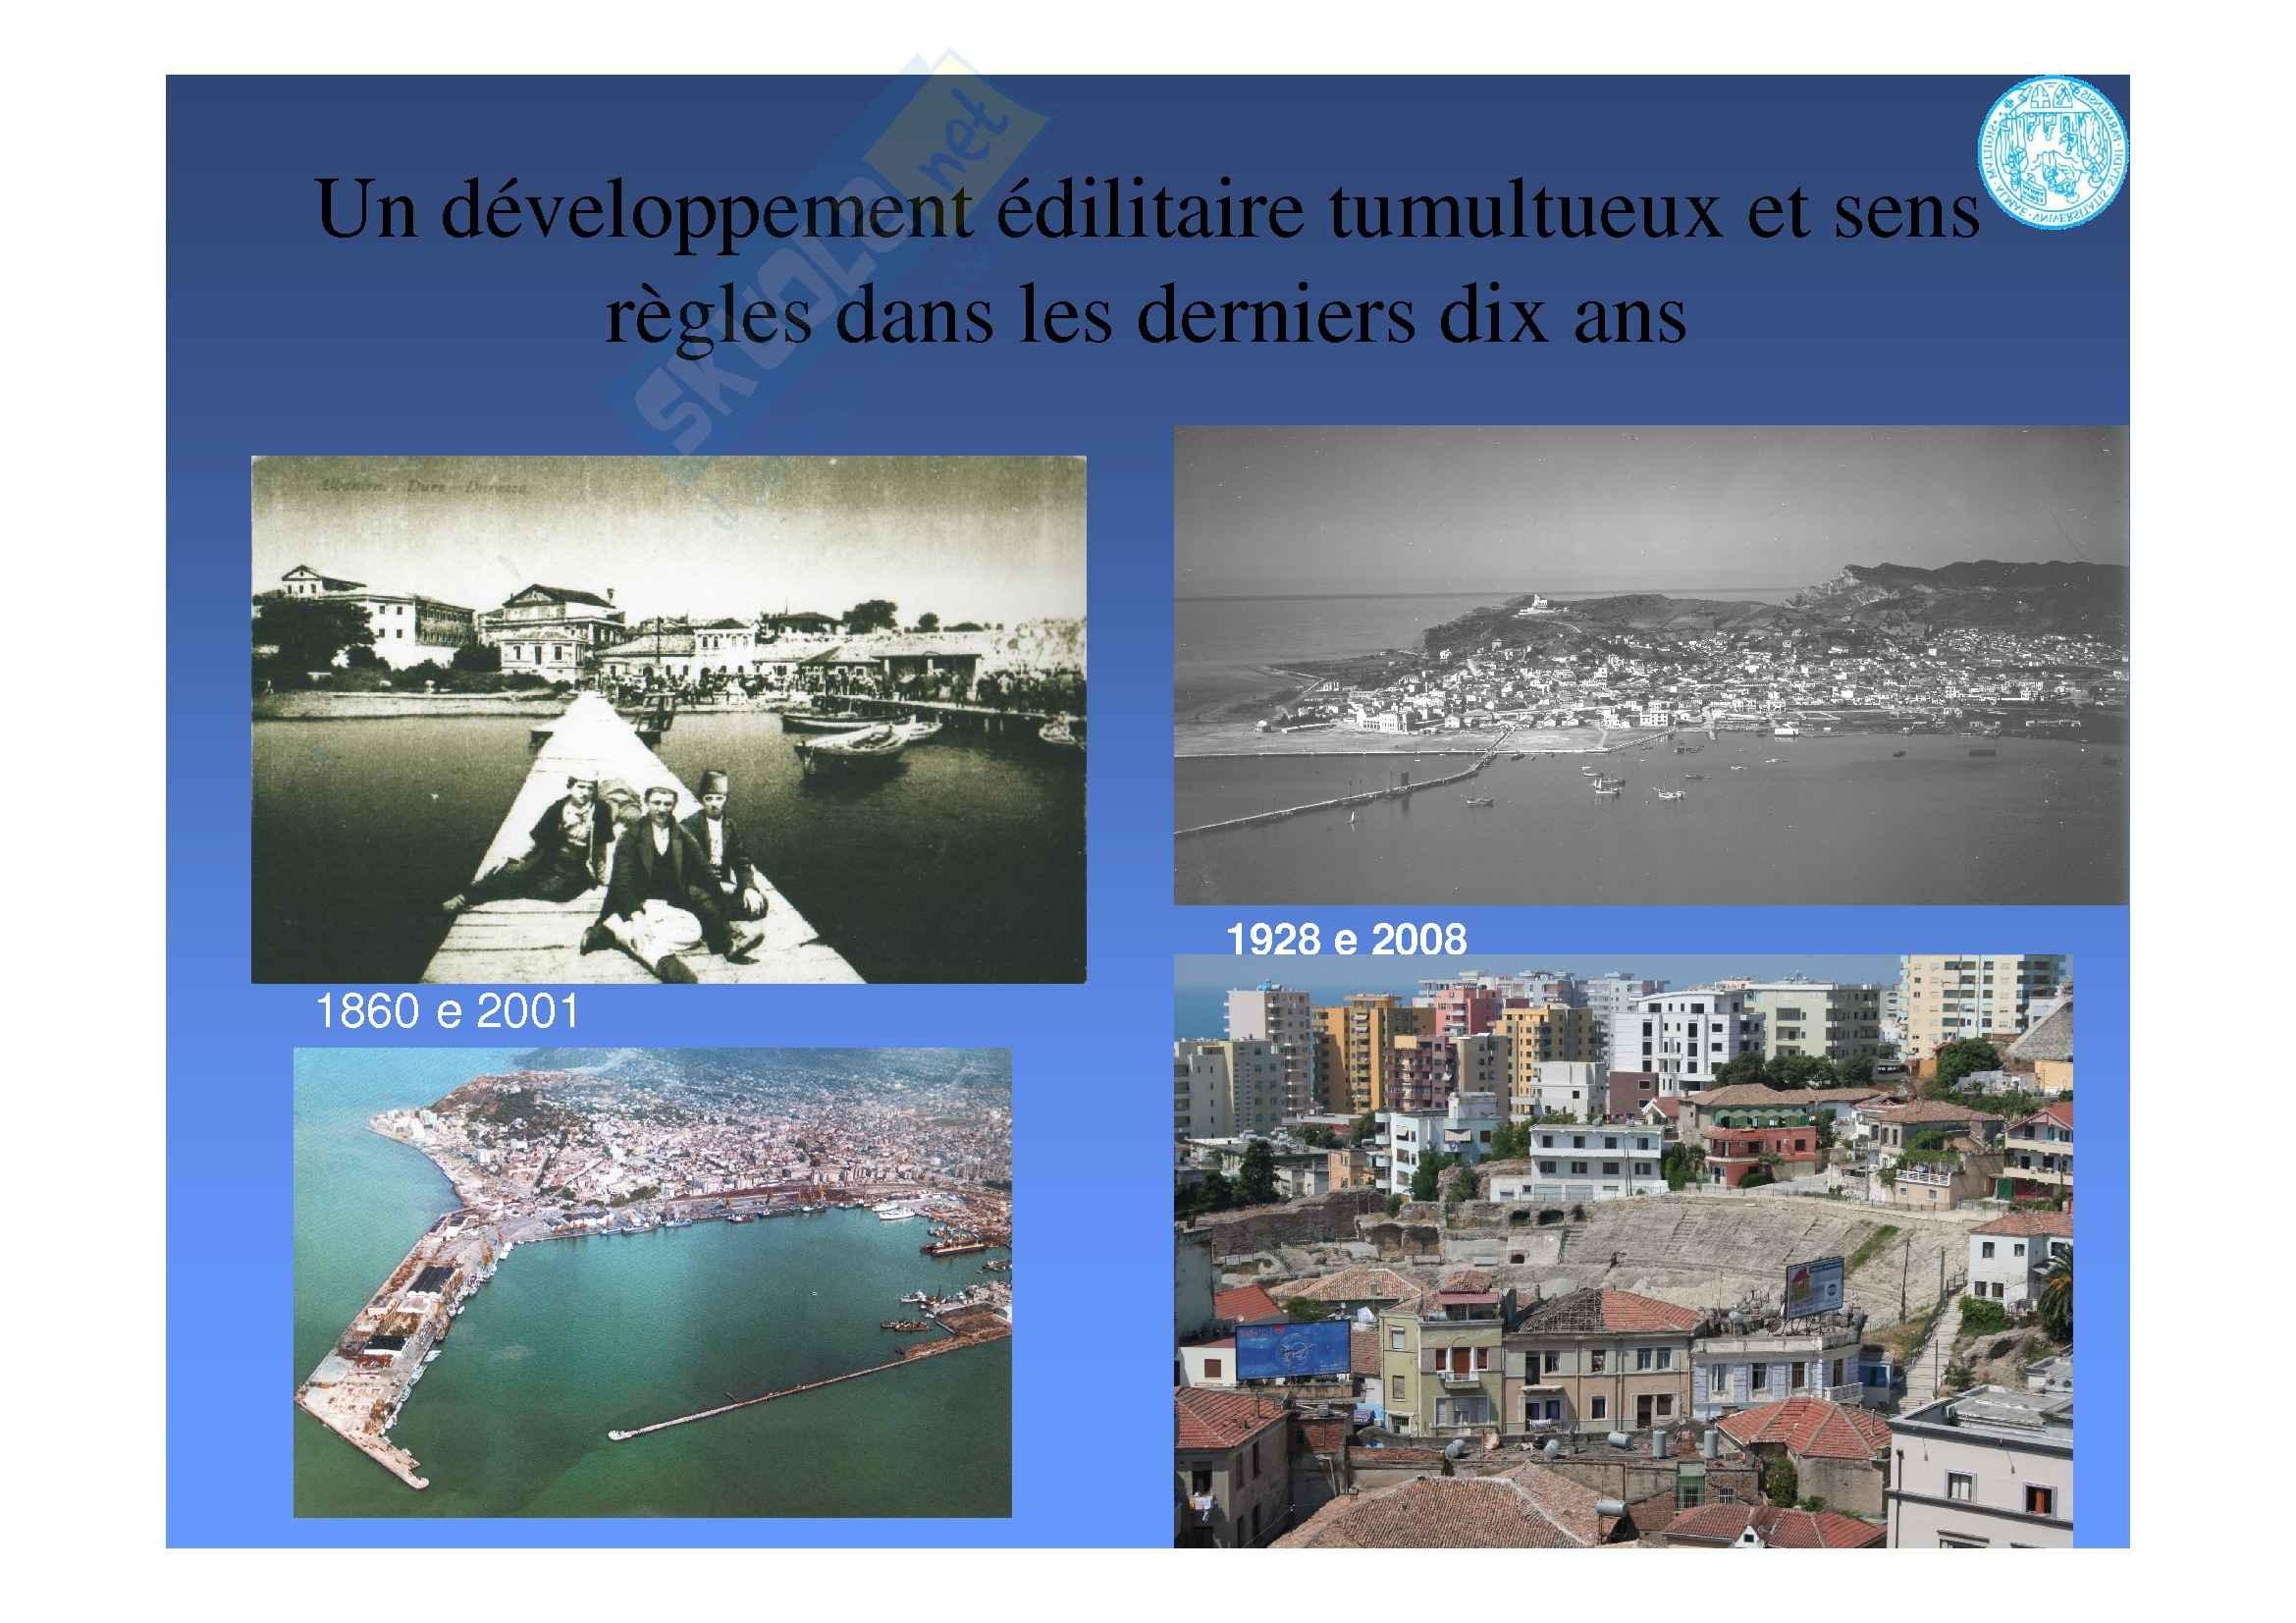 Epidamnos/Dyrrachion Pag. 6